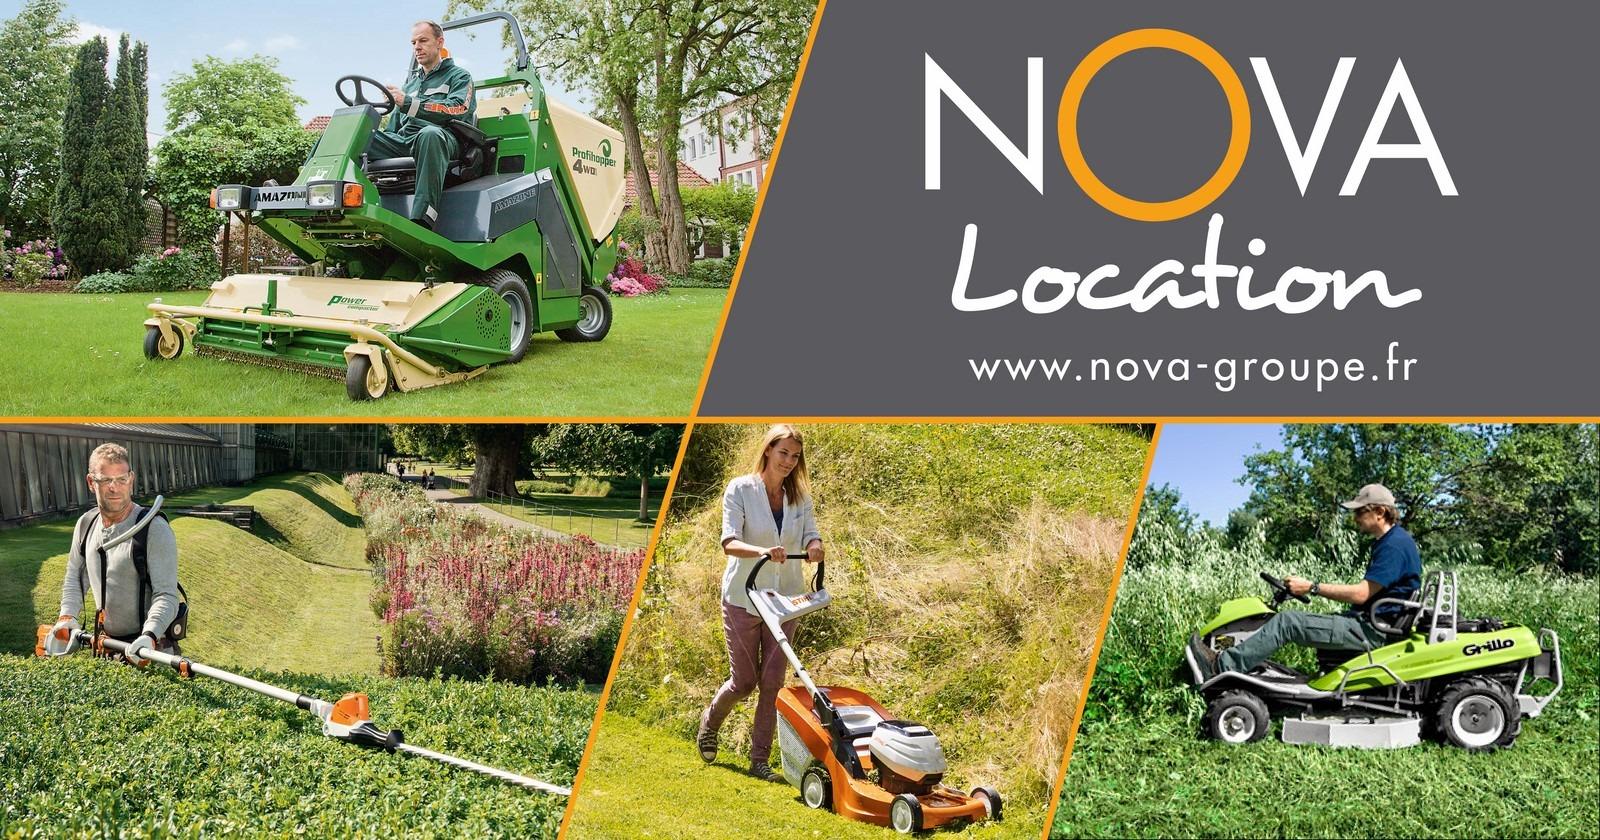 Location matériel agricole espaces verts btp, tracteur broyeur de branches , tondeuse, mini pelle bobcat, chargeuse bobcat, amazone tondobalai nova